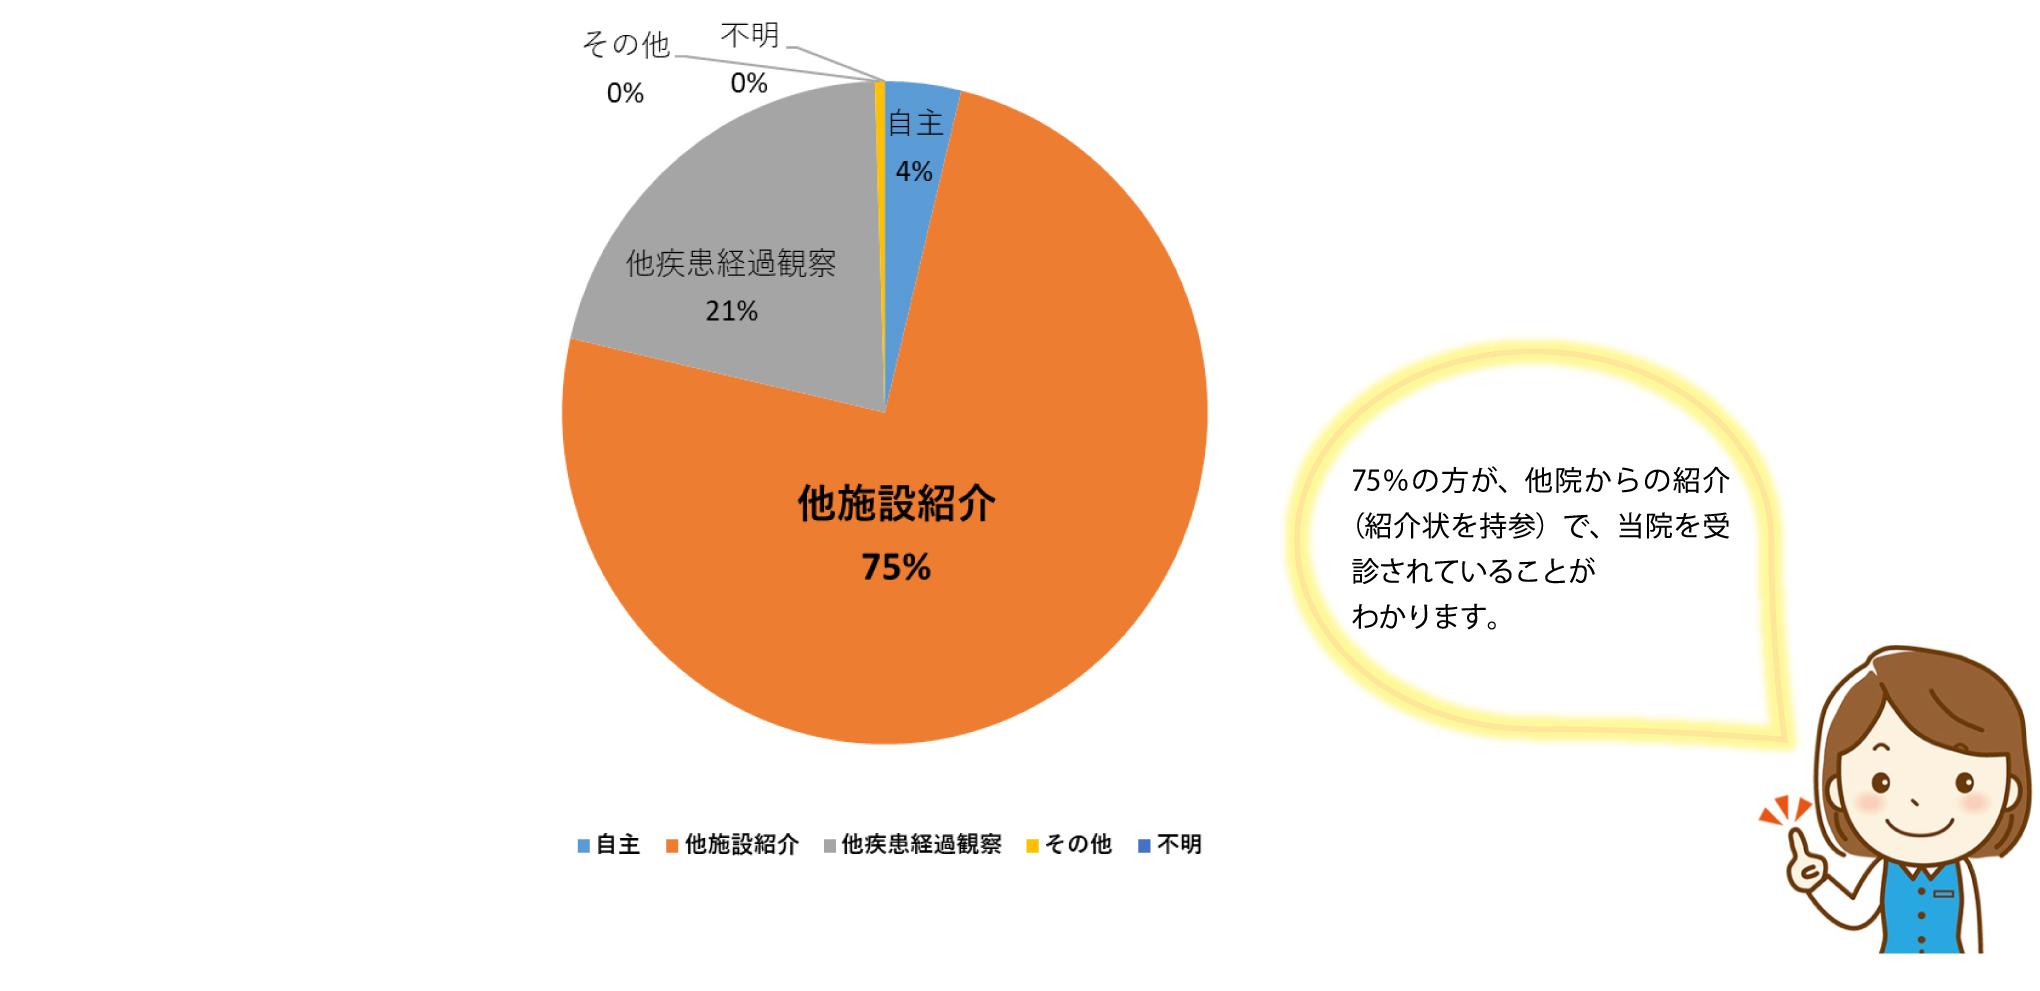 【京都大学病院】来院経路の割合